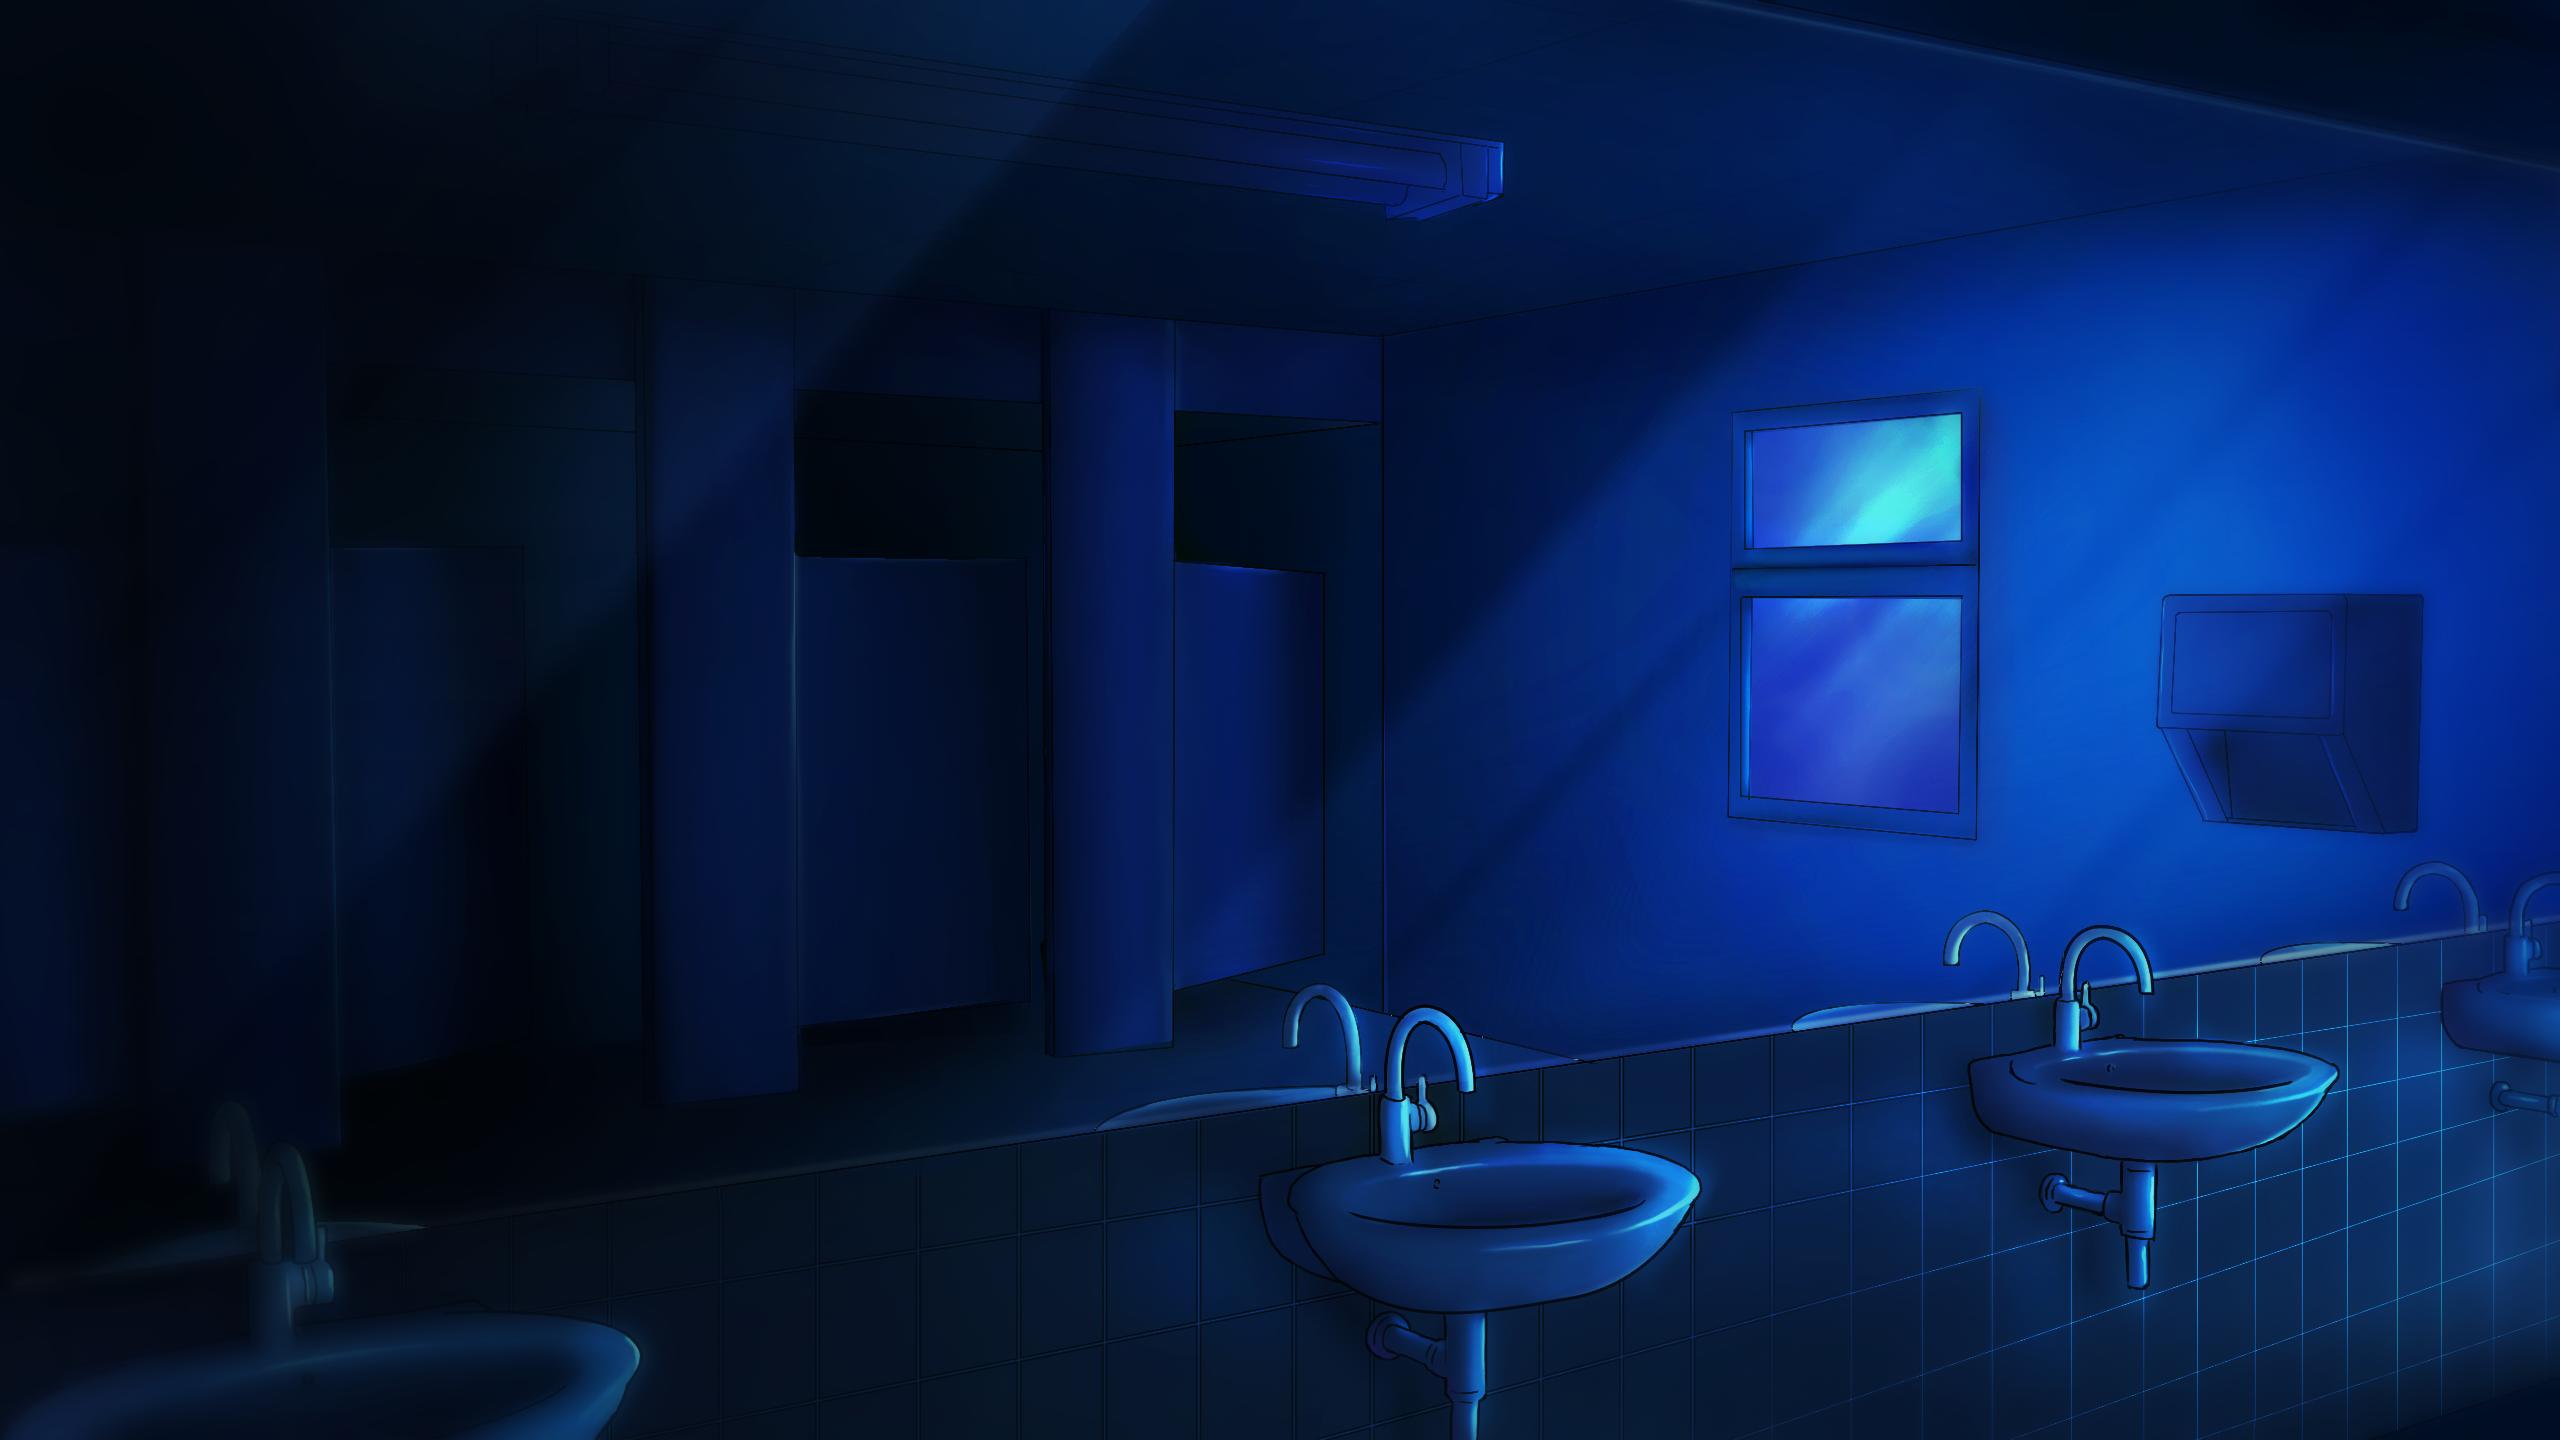 School Bathroom  Night time  by Enigma XIII. School Bathroom  Night time  by Enigma XIII on DeviantArt